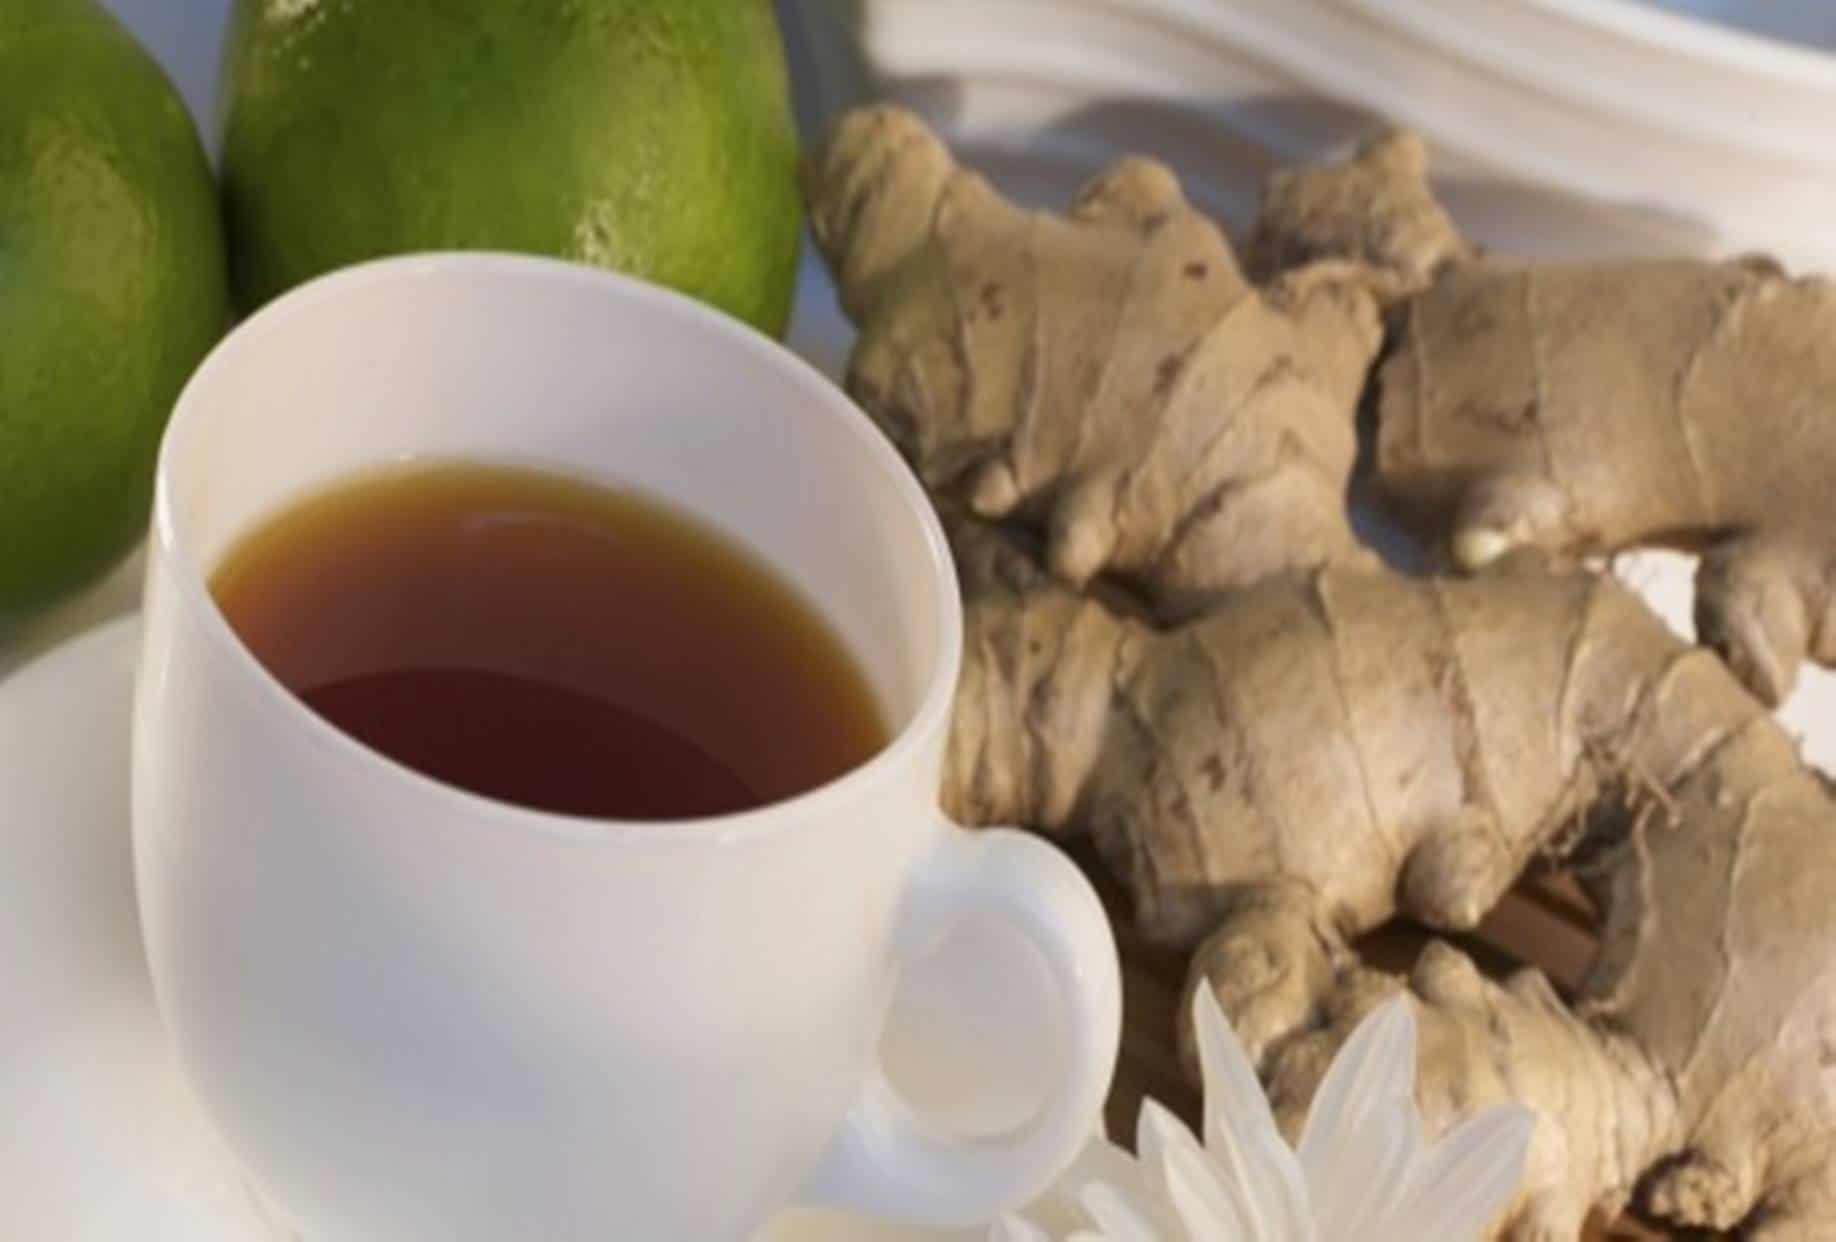 Agua Com Mel E Canela Beneficios Água de gengibre com limão desincha e emagrece